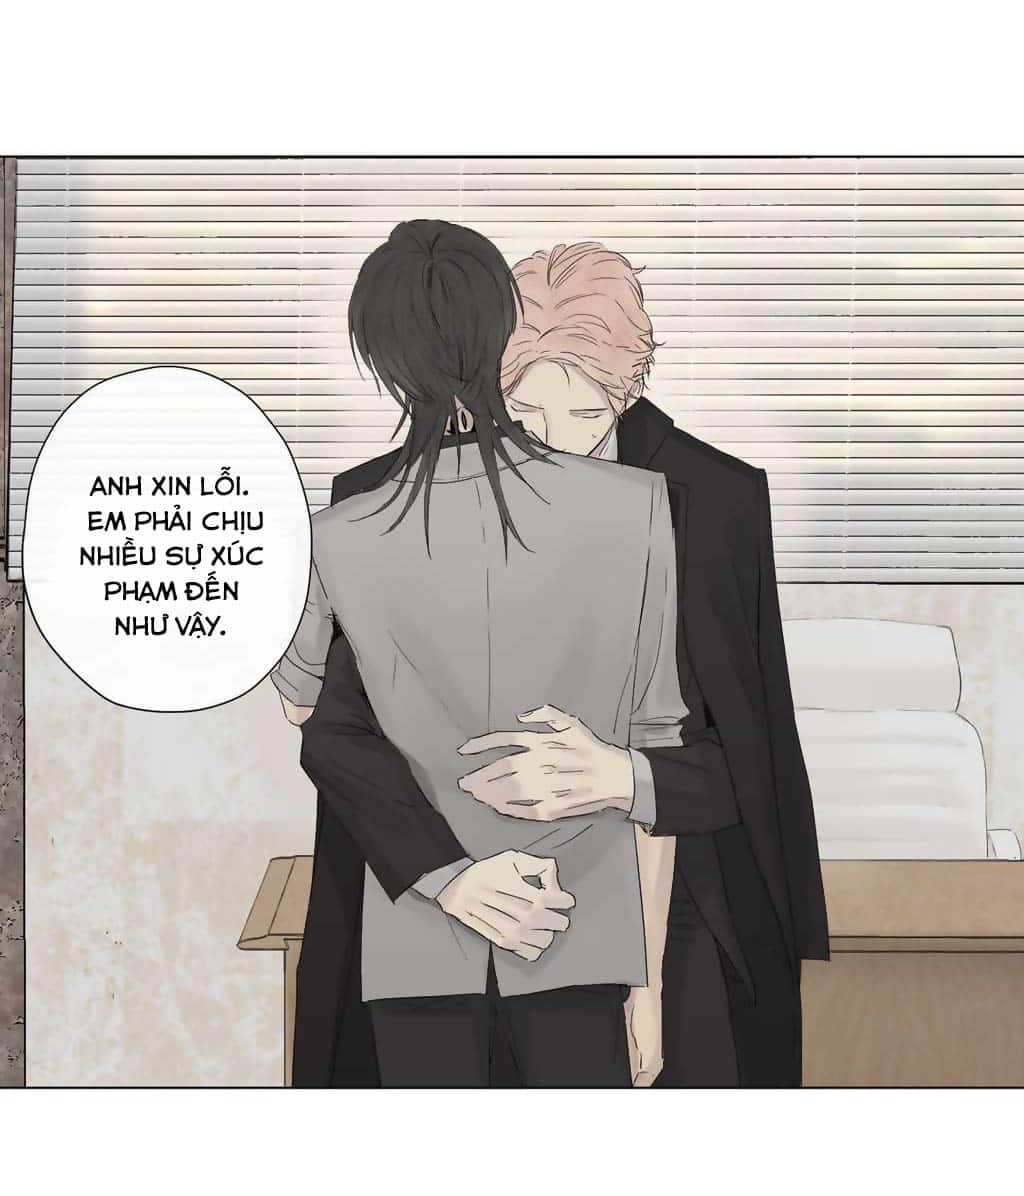 Trang 19 - Người hầu hoàng gia - Royal Servant - Chương 010 () - Truyện tranh Gay - Server HostedOnGoogleServerStaging